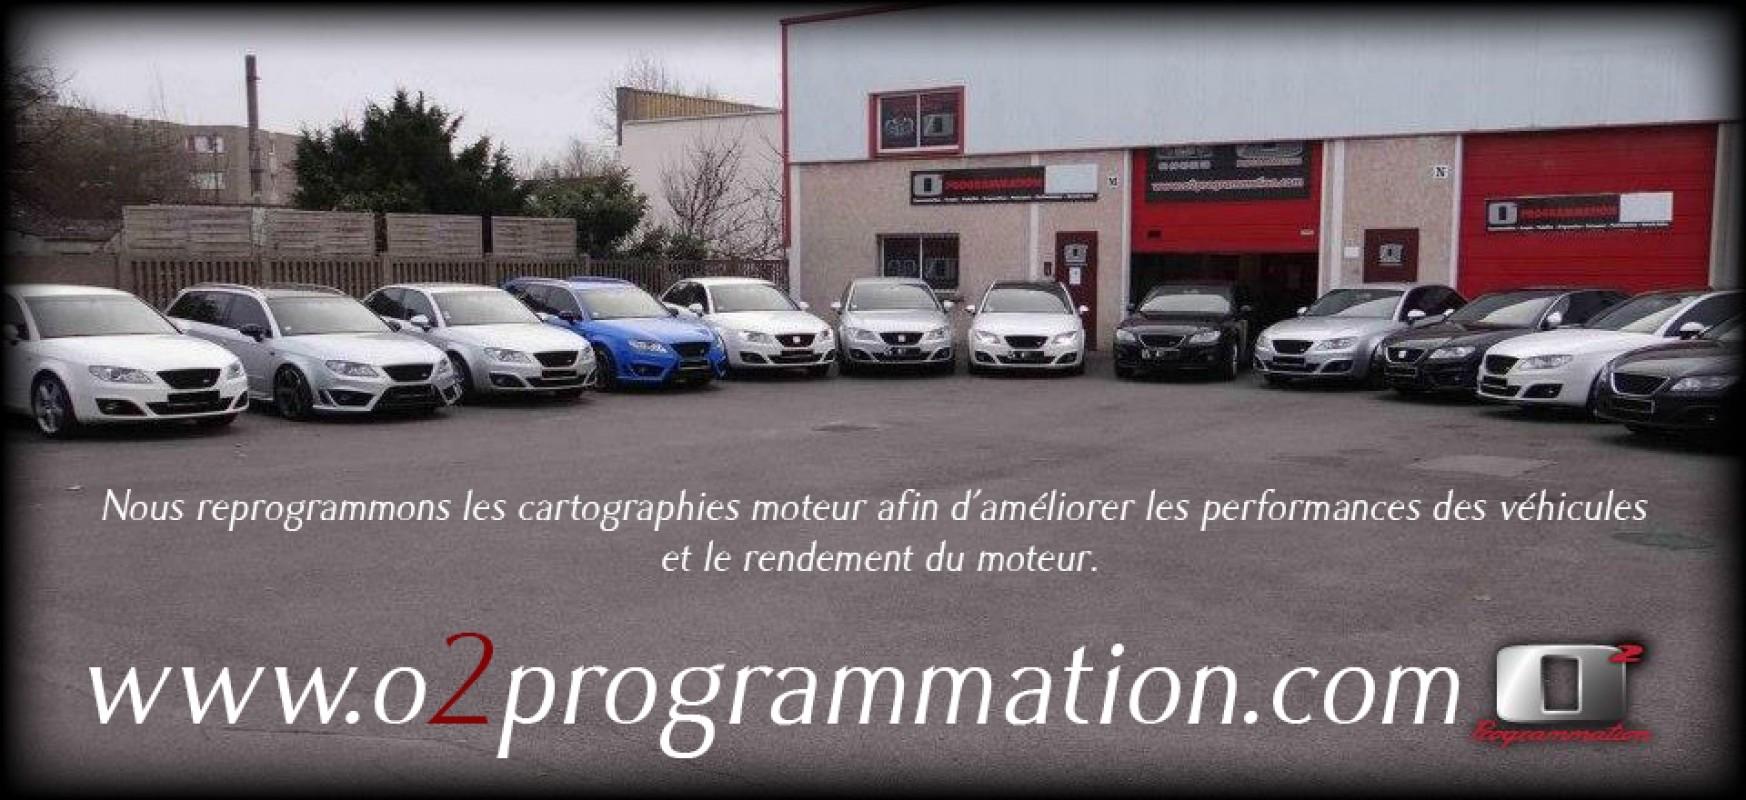 O2programmation Modification Boitier électronique Reprogrammation